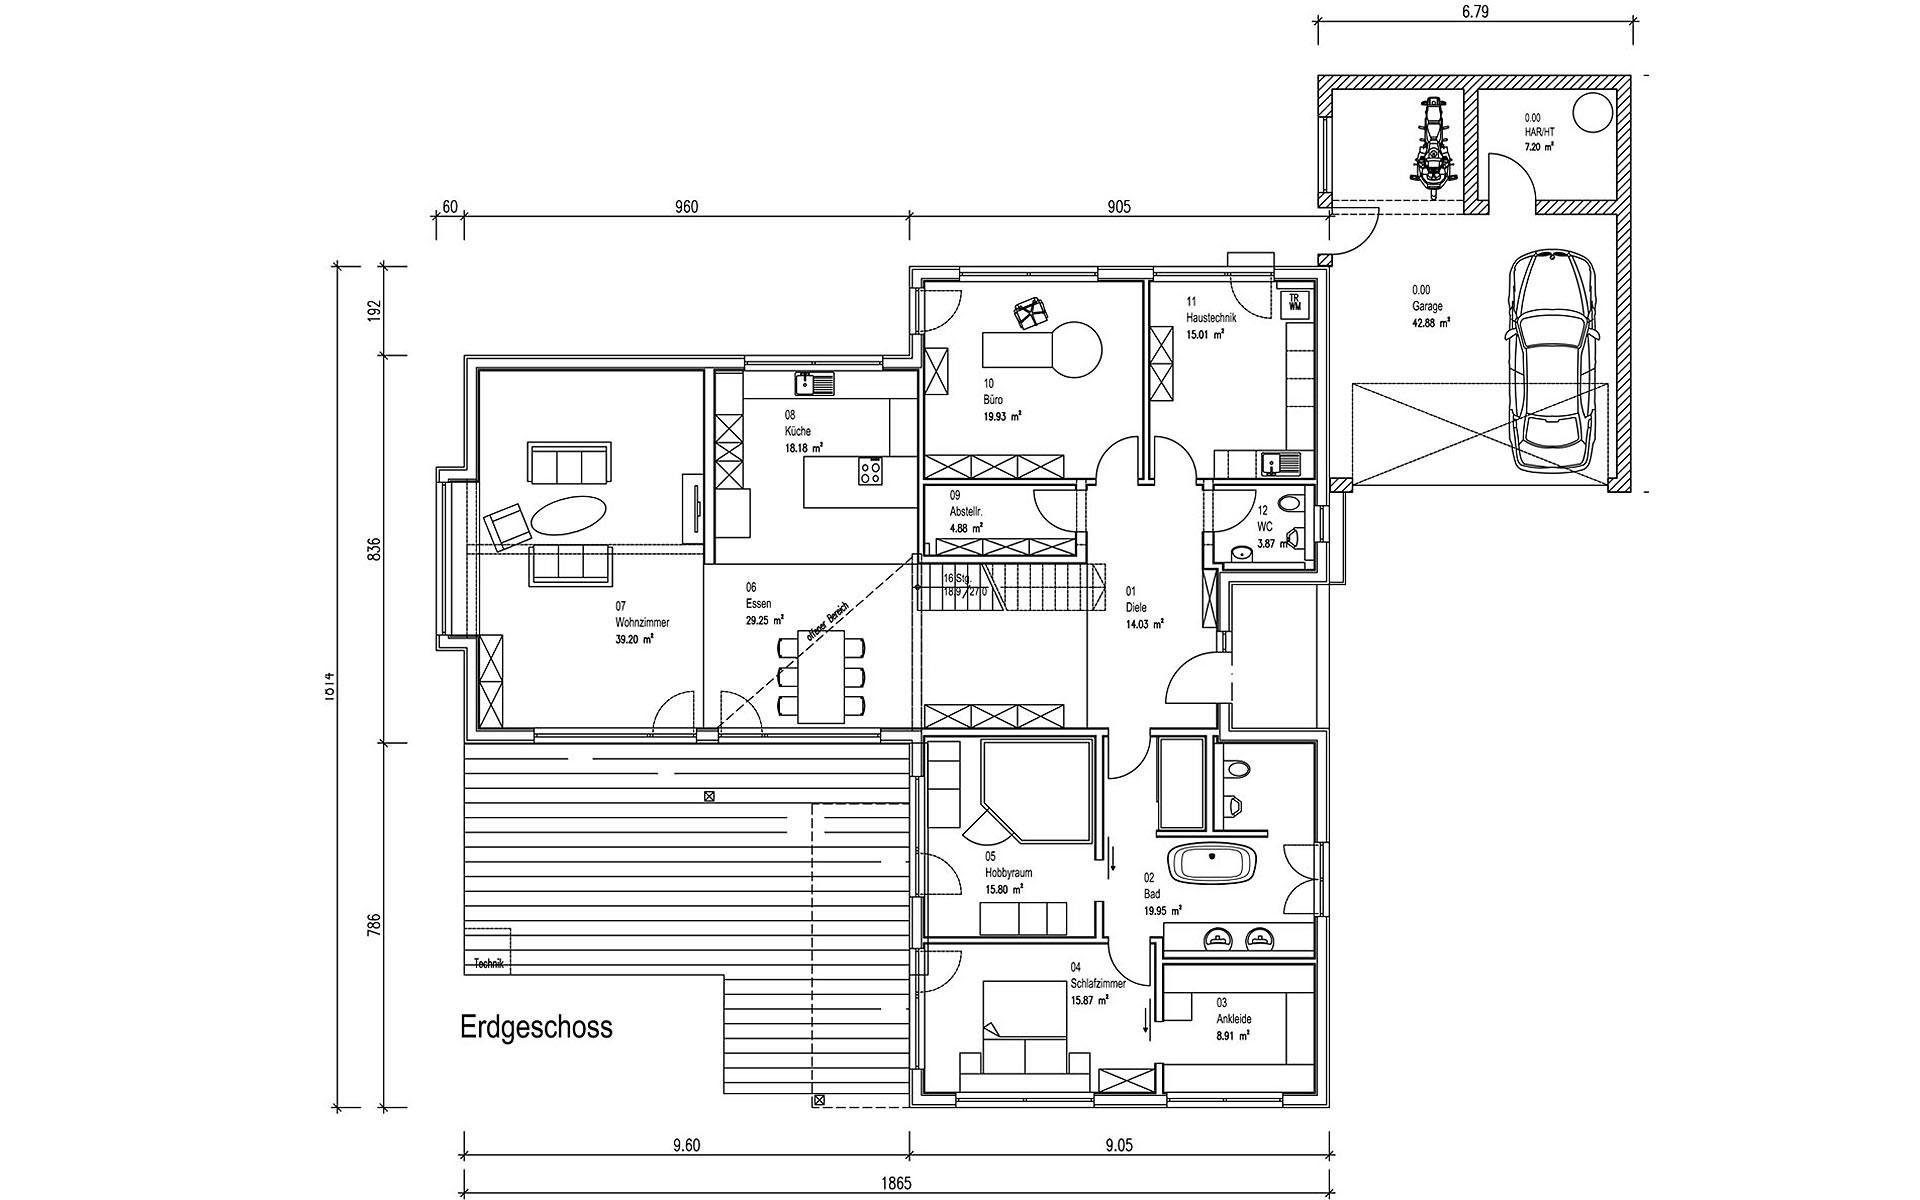 Erdgeschoss Freilinger von Sonnleitner Holzbauwerke GmbH & Co. KG